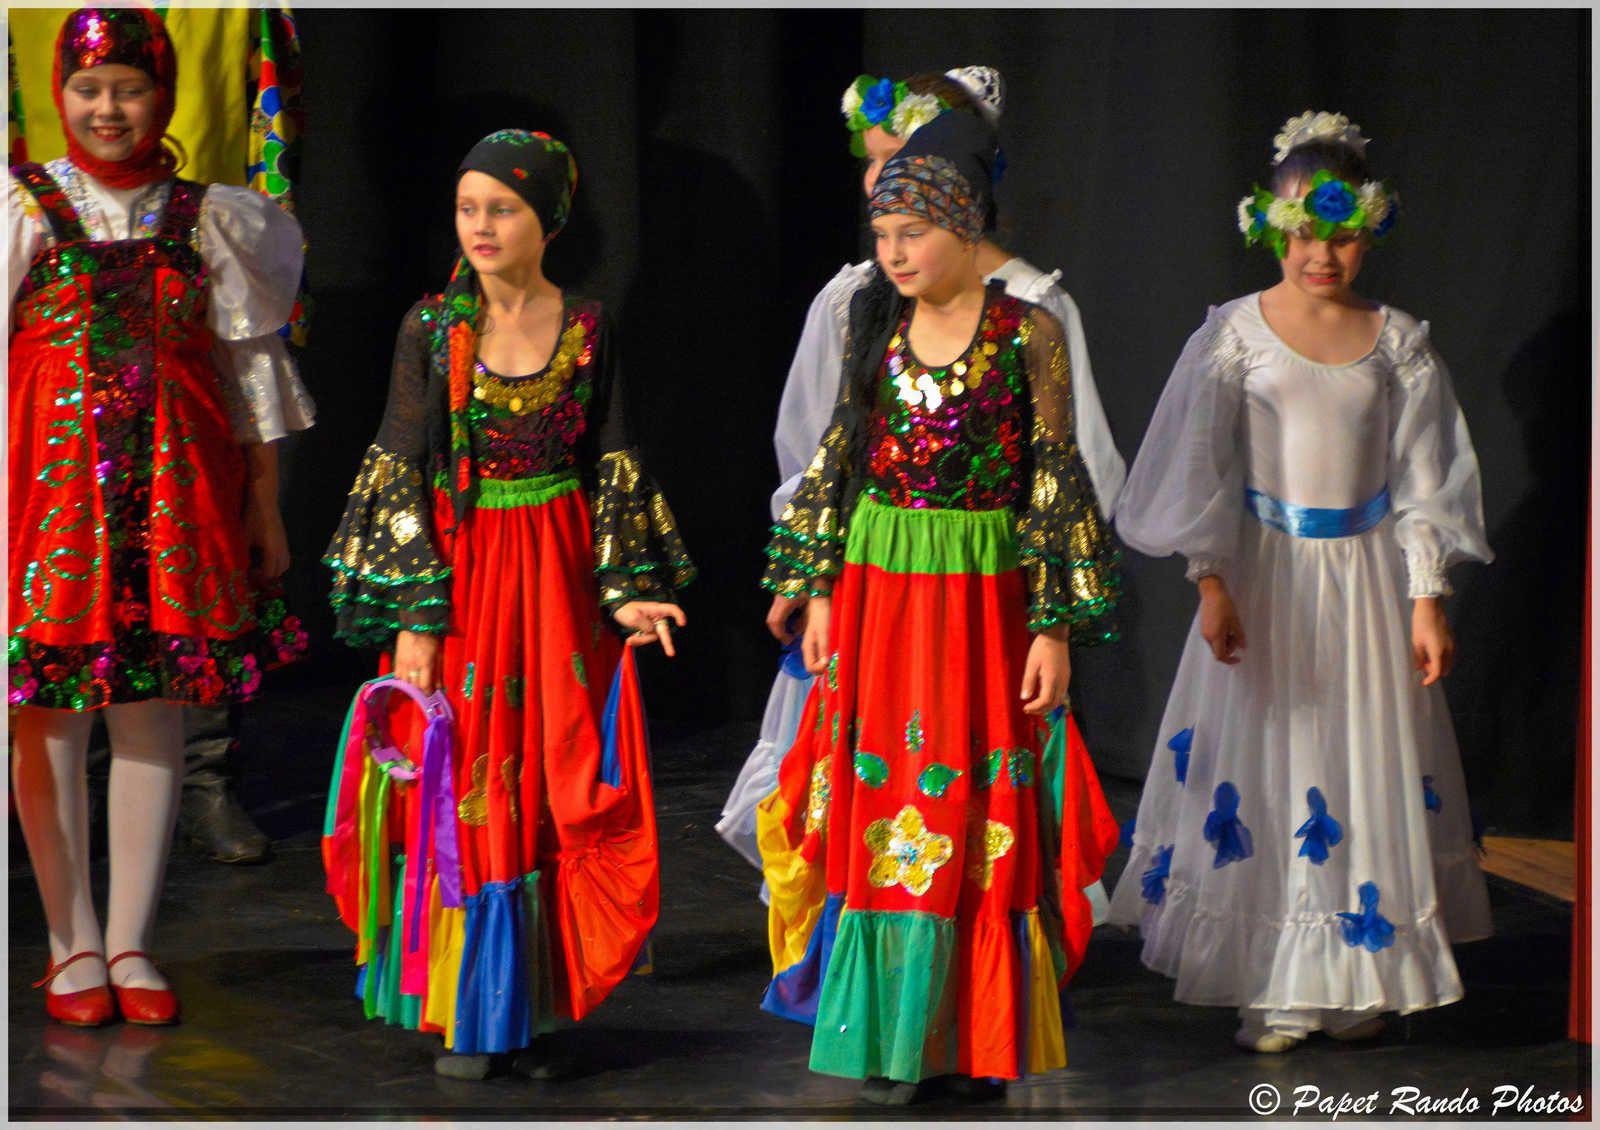 Toujours trés beau le Folklore, venu en  Wallonie, grace a asbl A.R.R.E.T. (accueil des enfants de Tchernobyl)  BRAVO, MERCI pour leur ART & TRADITION